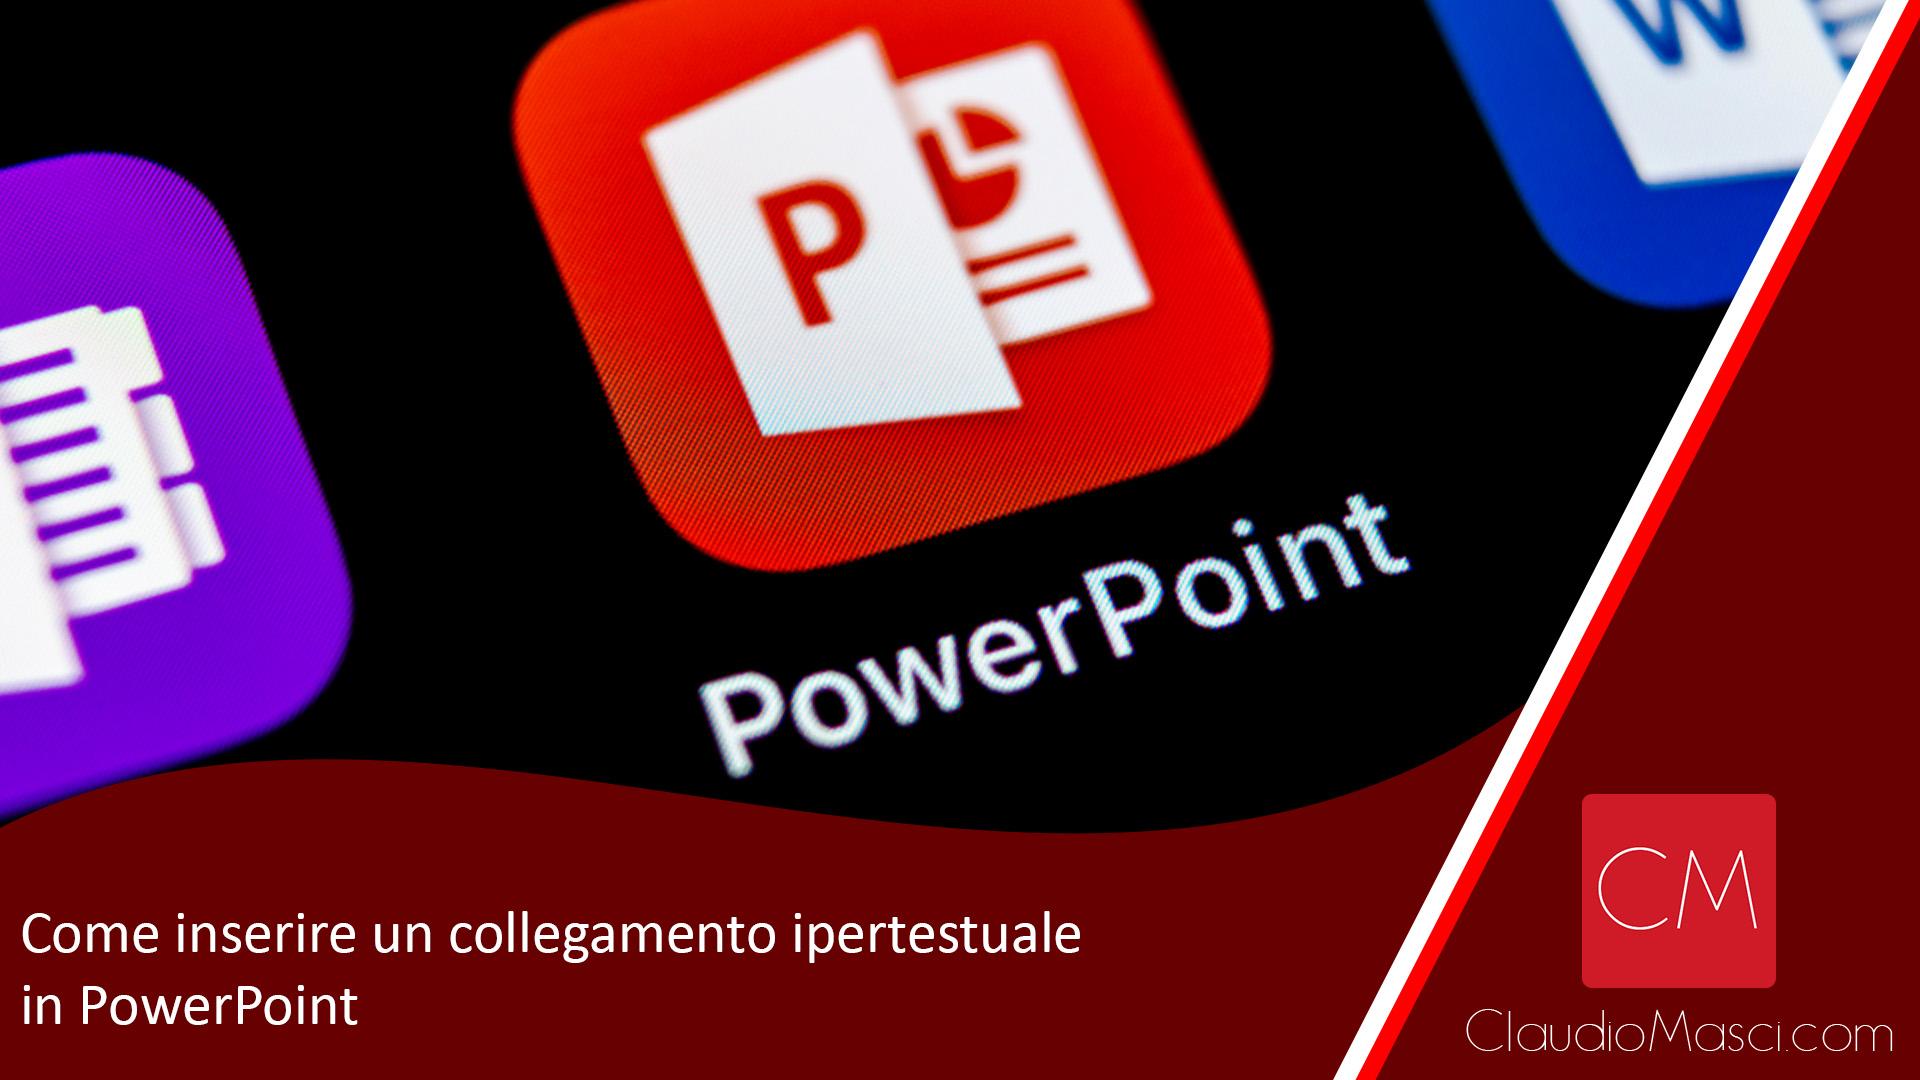 Come inserire un collegamento ipertestuale in PowerPoint